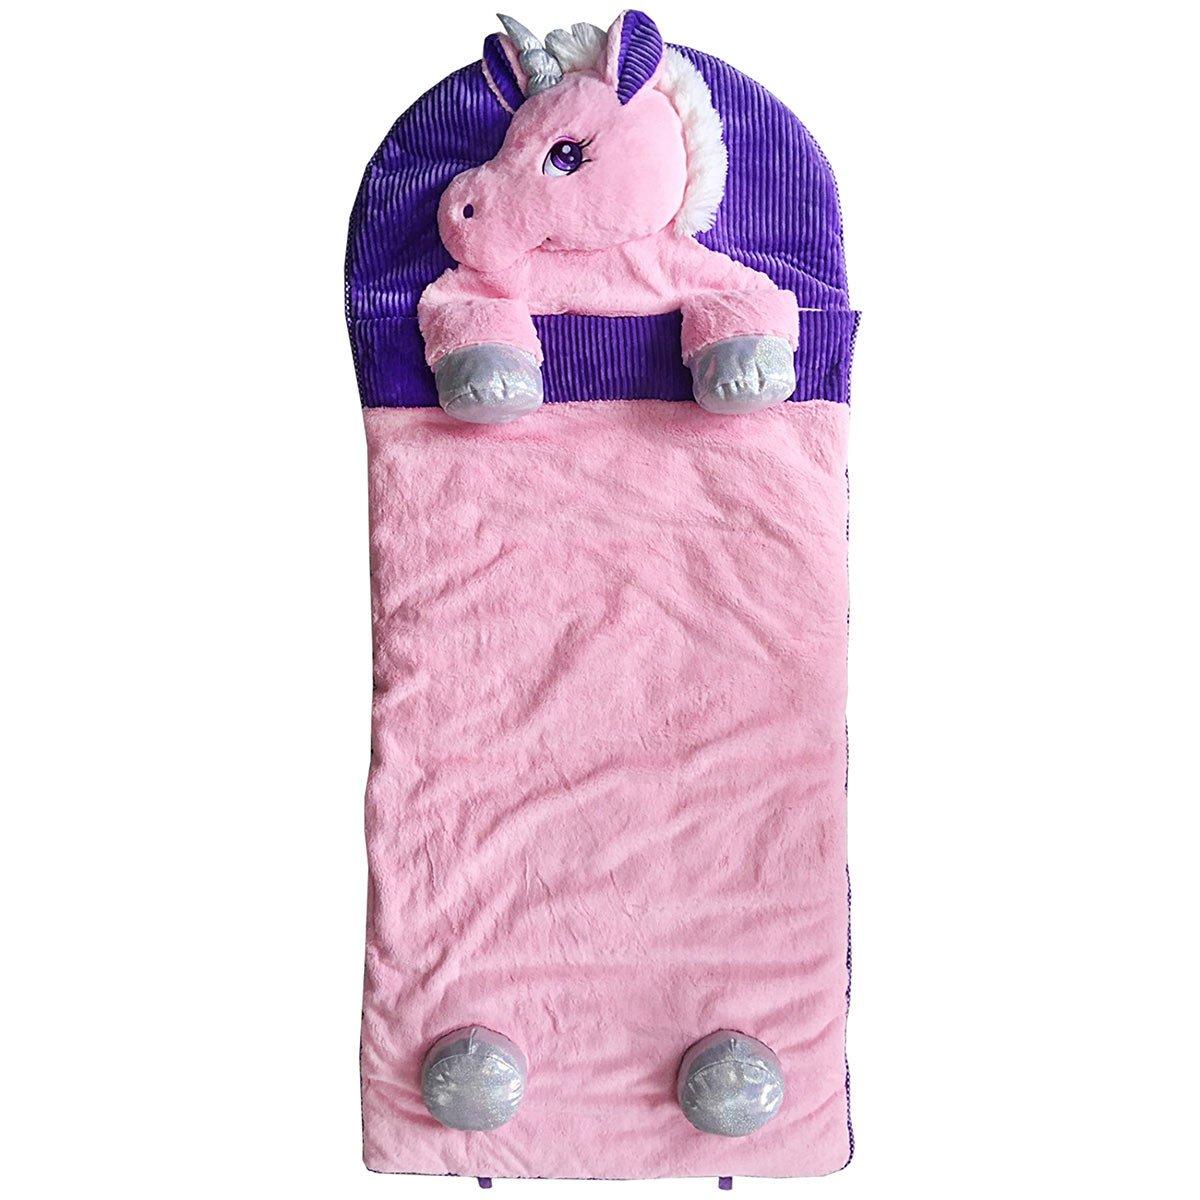 gut aussehend online hier Sortendesign hugfun Soft Plüsch Stoff mit Animal Head Kissen Kinder ...